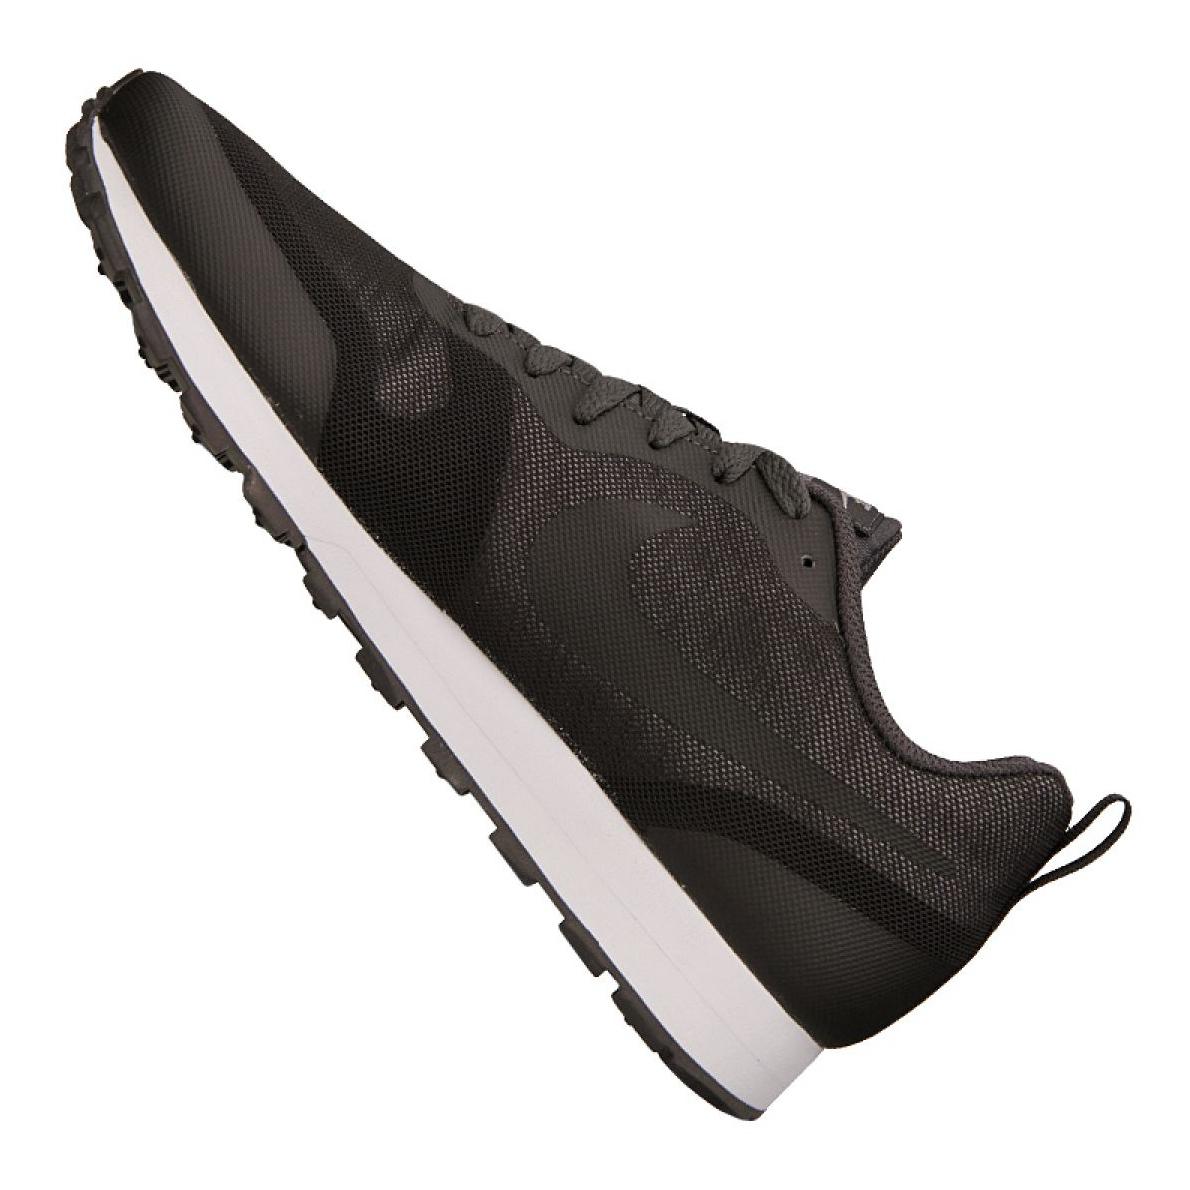 Cipő Nike Md Runner 2 19 M AO0265 003 fekete